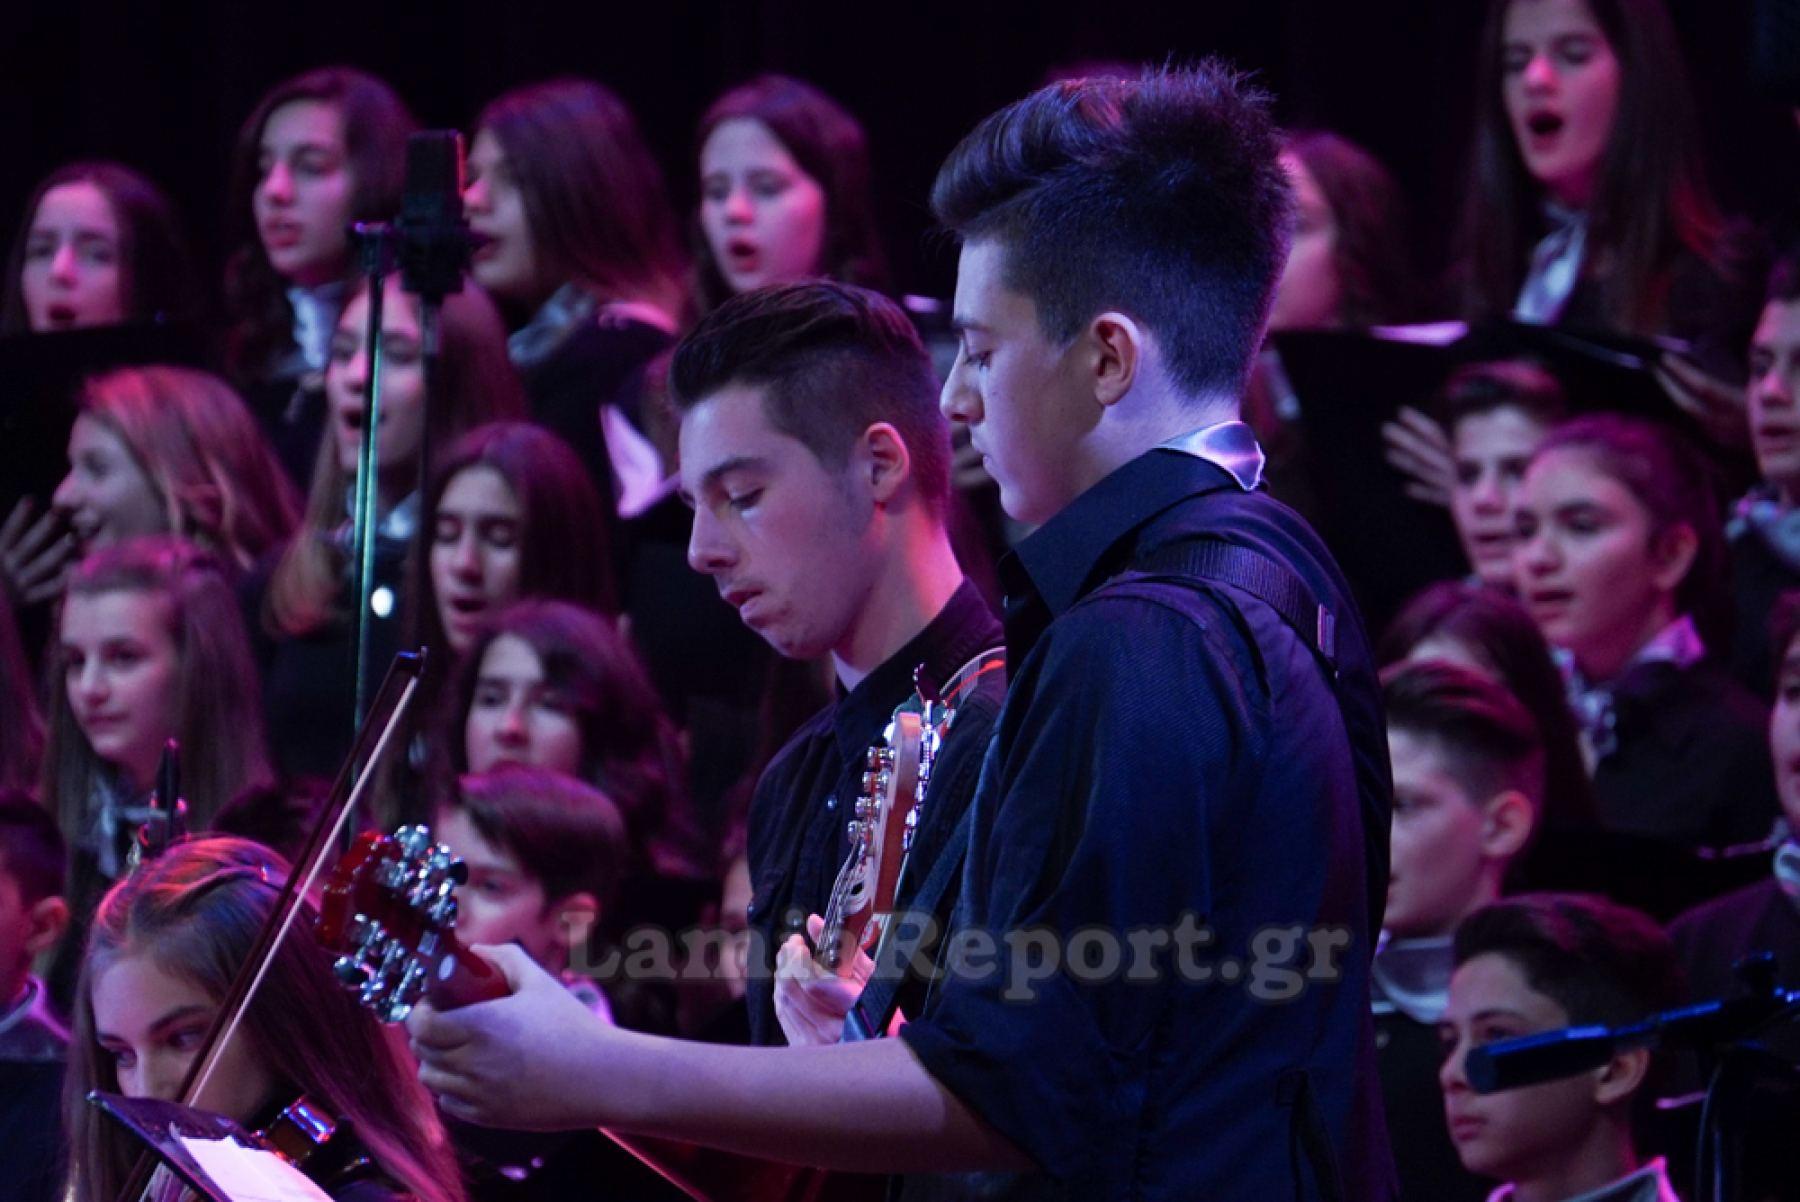 2c6b6508a65 Πήγαμε στη Χριστουγεννιάτικη Συναυλία του Μουσικού Σχολείου Λαμίας (ΒΙΝΤΕΟ  - ΦΩΤΟ)